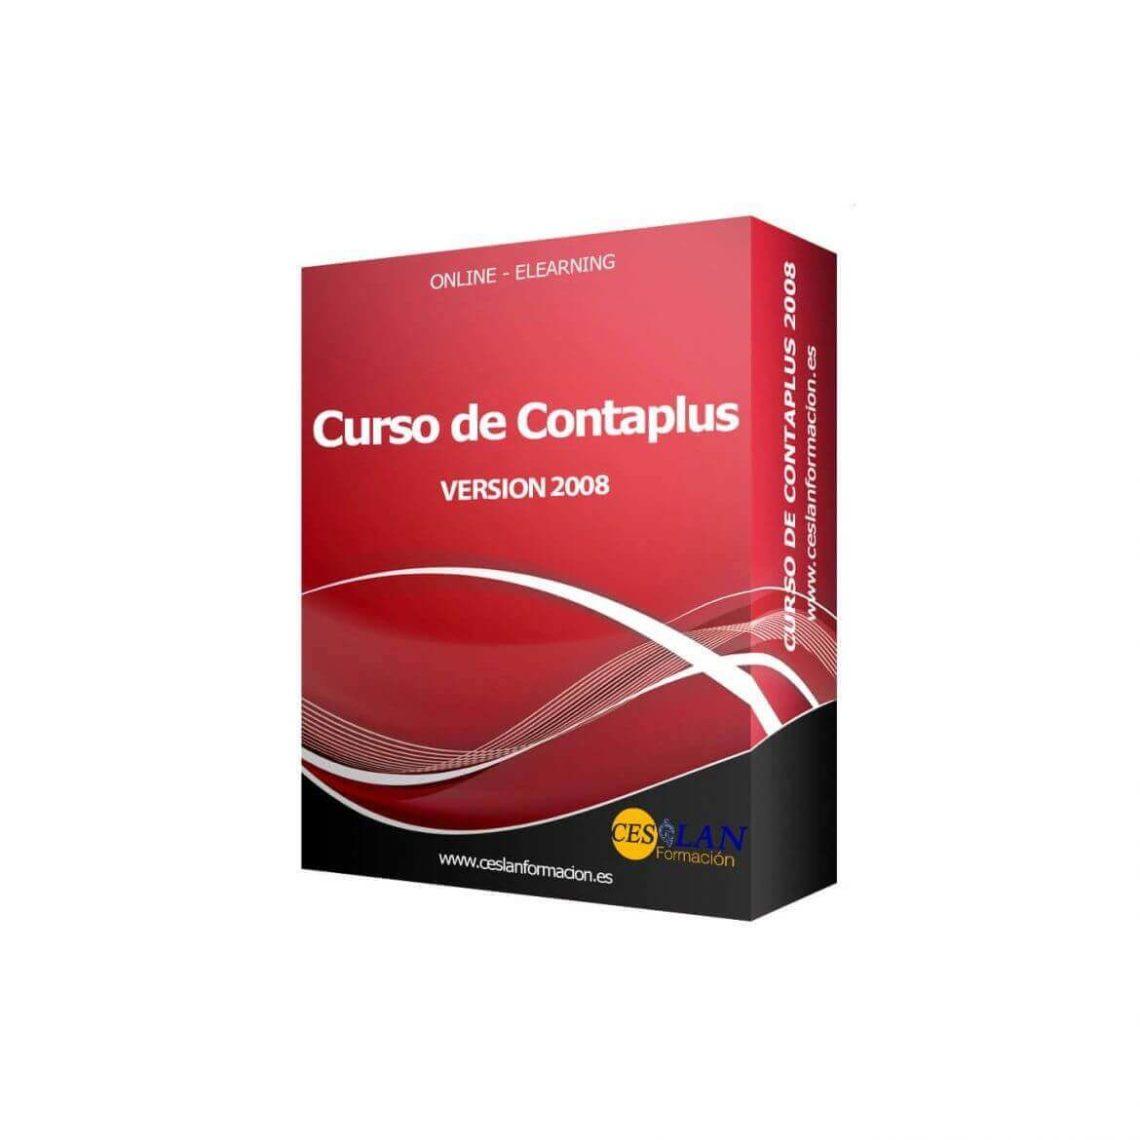 Curso de Contaplus 2008